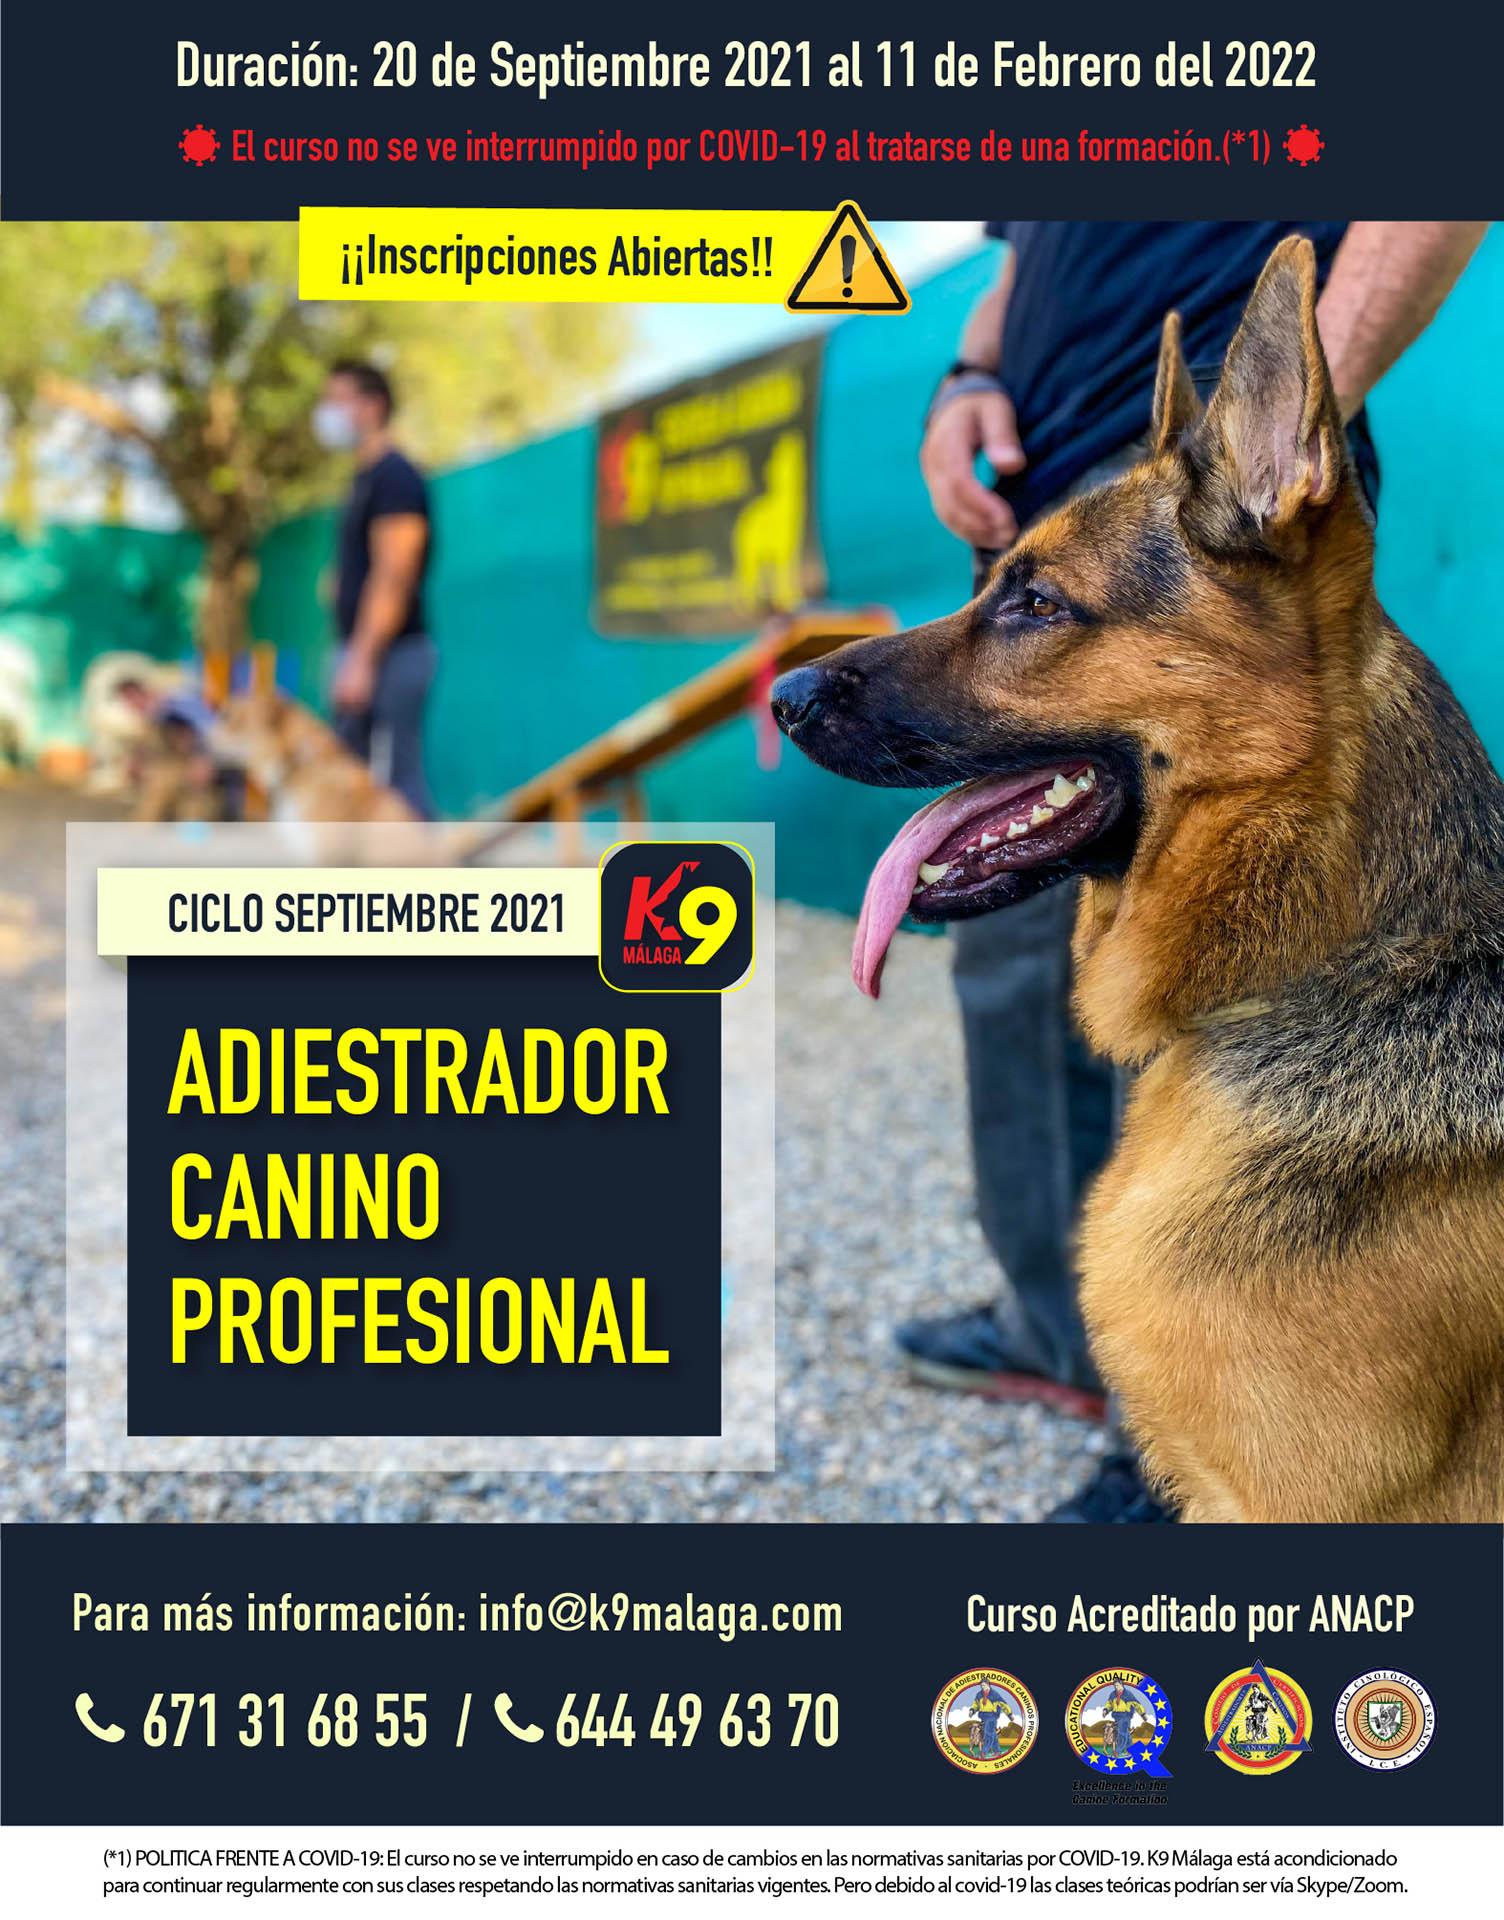 CURSO ADIESTRADOR CANINO PROFESIONAL - 20 de Septiembre 2021 al 11 Febrero 2022.